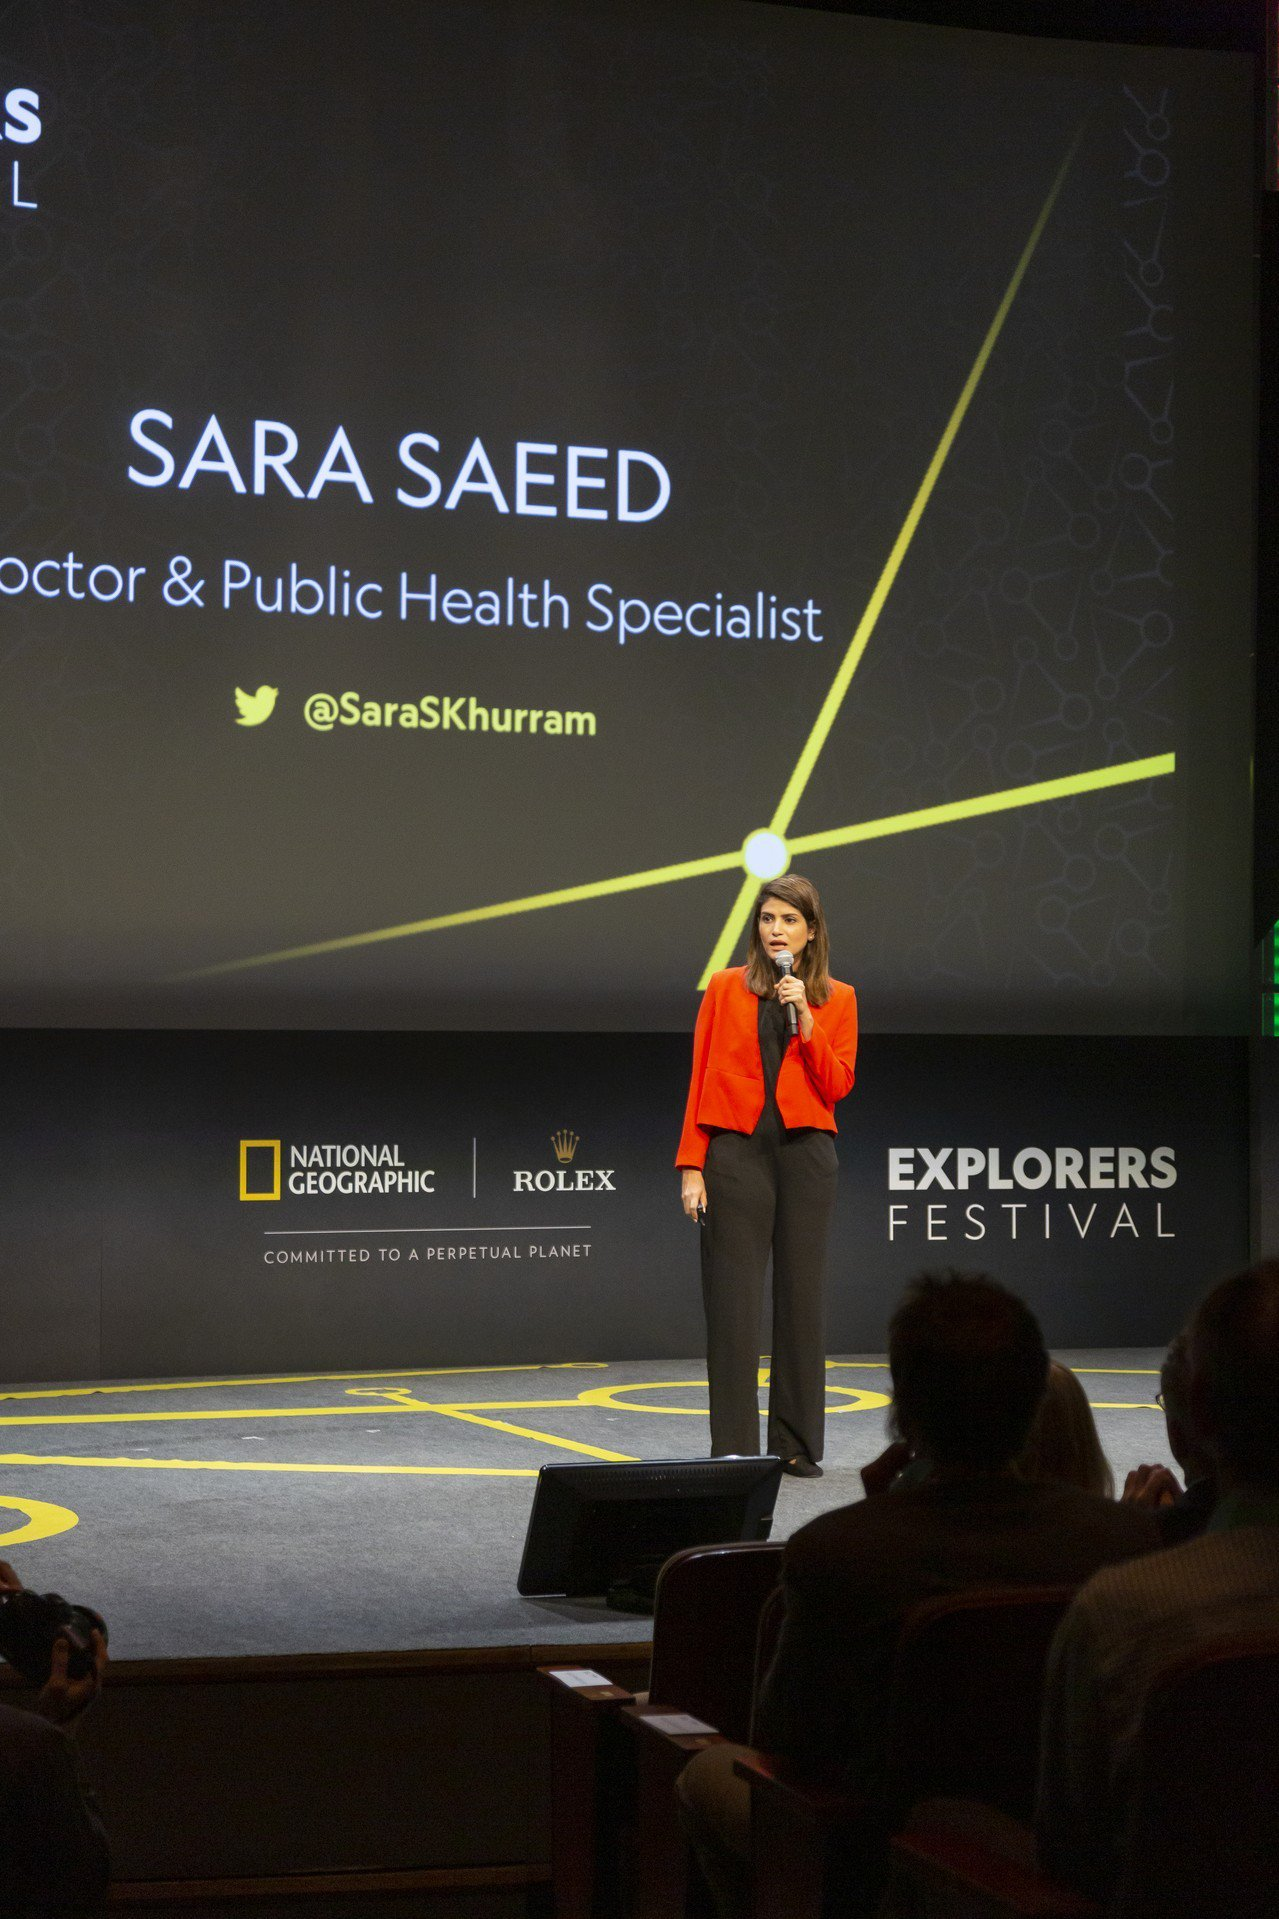 2019年度勞力士雄才偉略大獎入圍者之一、巴基斯坦公共衛生專家及企業家Sara ...